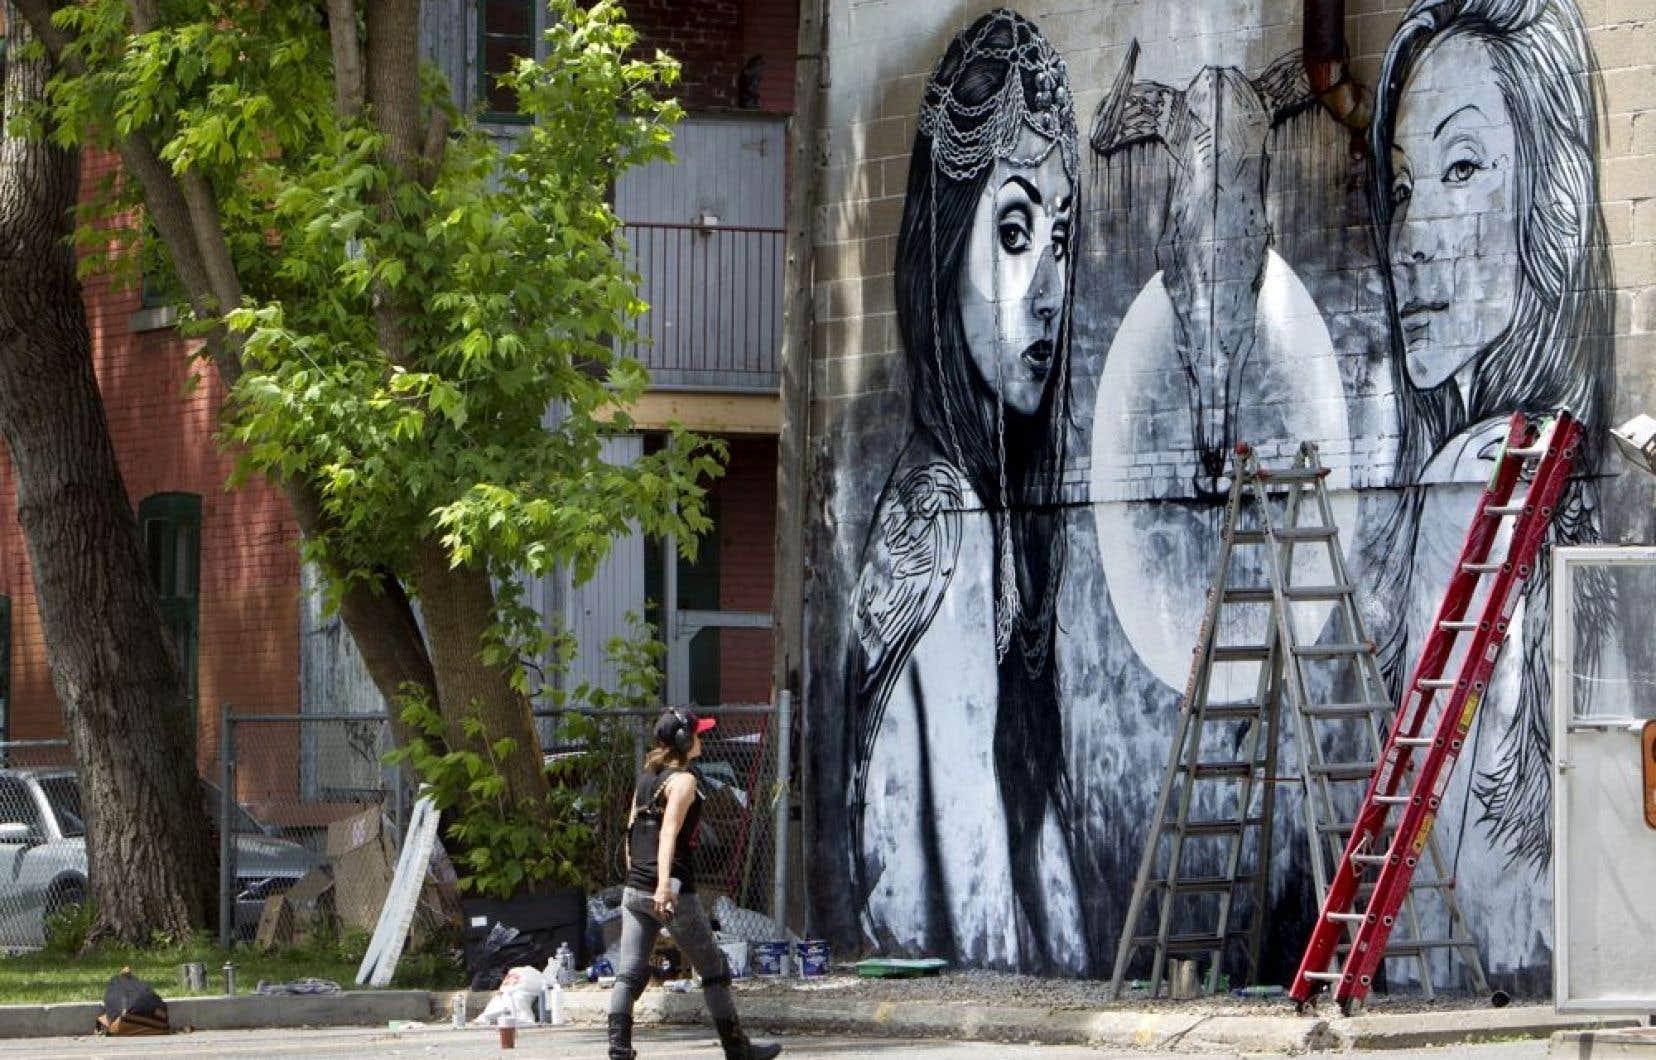 Ce week-end, 30 artistes de rue d'envergure internationale vont maculer de couleurs une vingtaine de façades et murs aveugles sur le tronçon historique située entre Sherbrooke et Mont-Royal.